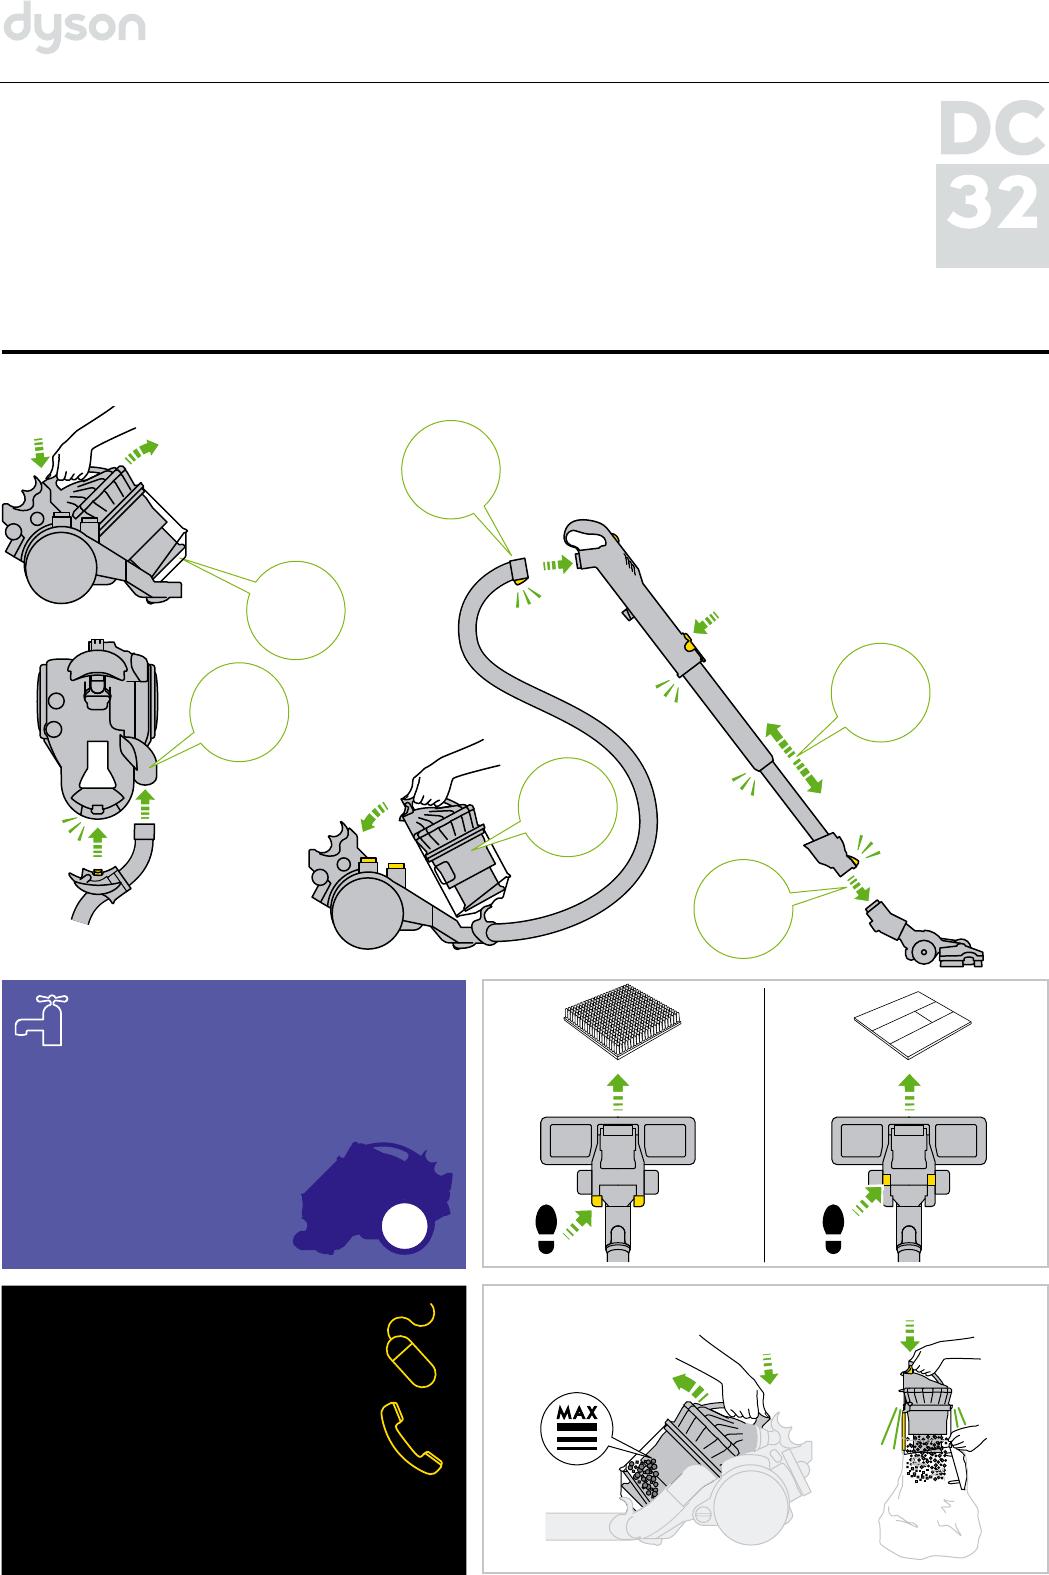 Инструкция к dyson dc29 как почистить циклон пылесоса дайсон